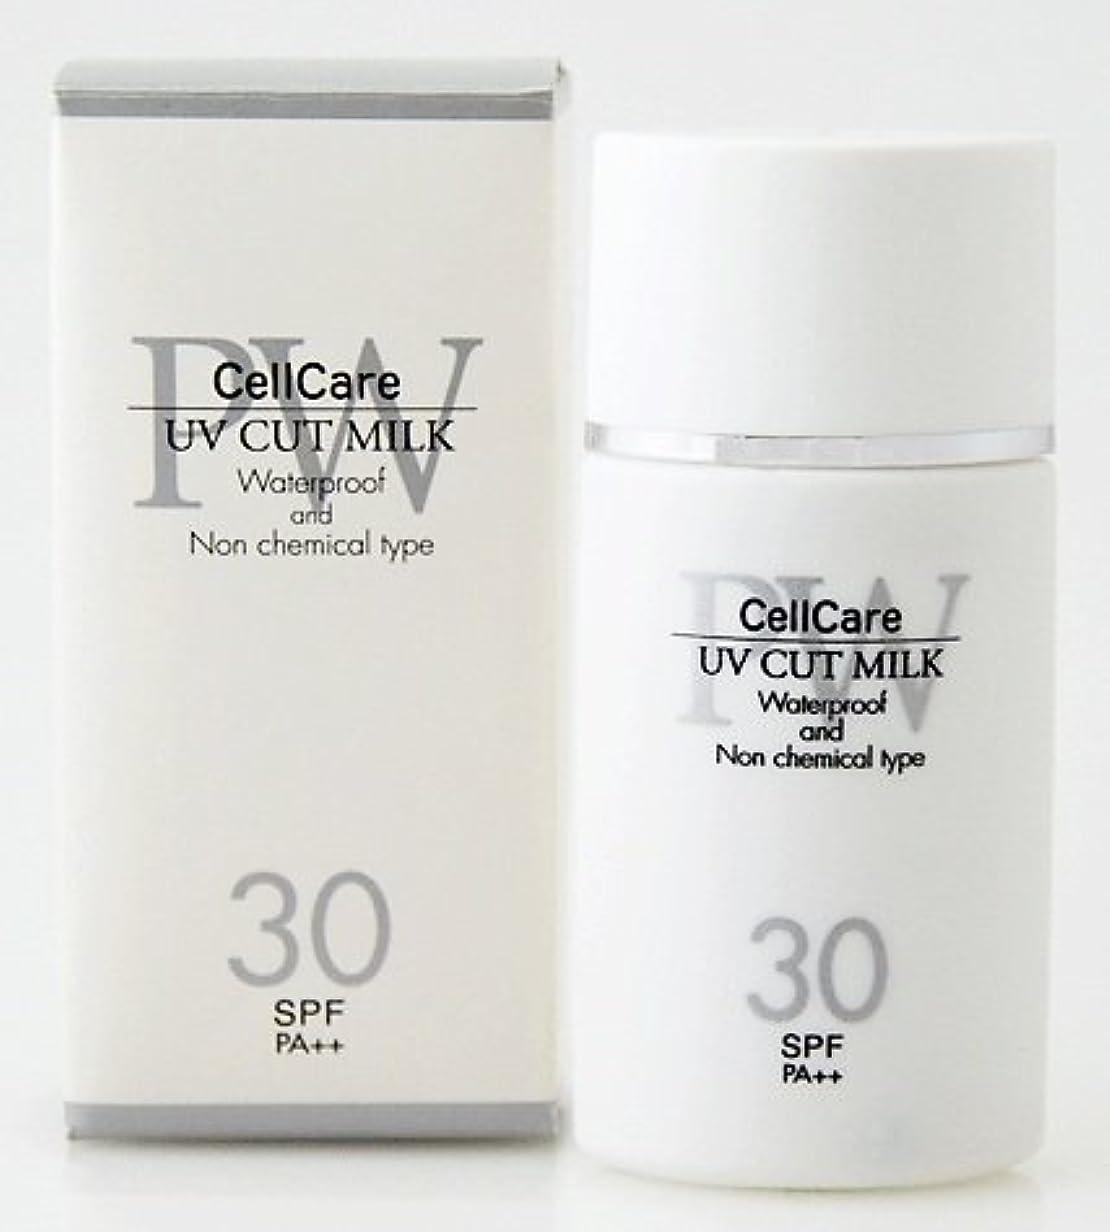 元気な反対した溶かすセルケア ピュアホワイト UVカットミルク 30g(日焼け止め乳液) SPF30 PA++ 保湿